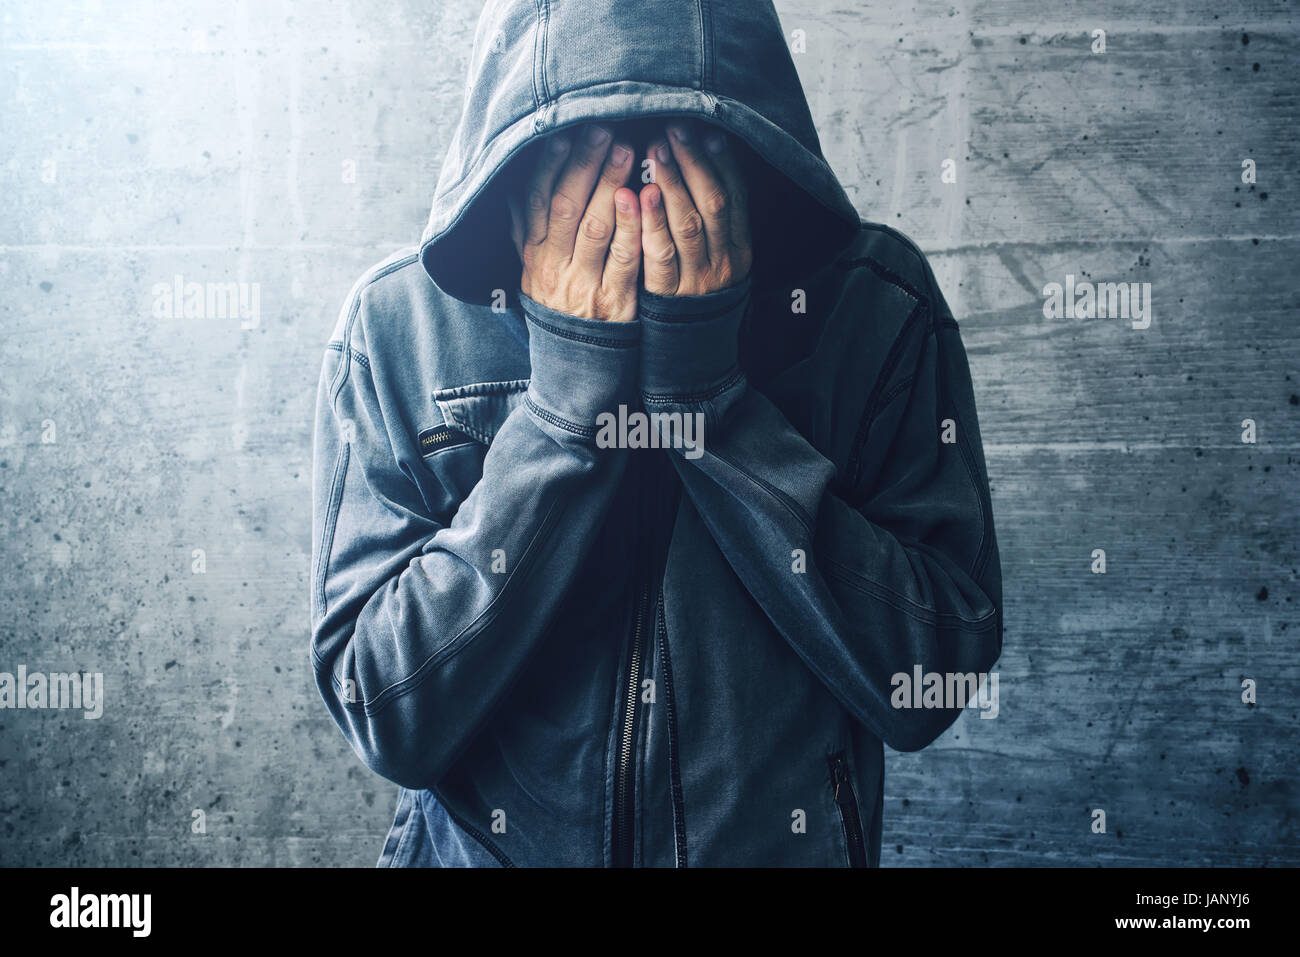 Toxicomane désespéré en passant par la crise de la toxicomanie, portrait de jeunes adultes en personne Photo Stock